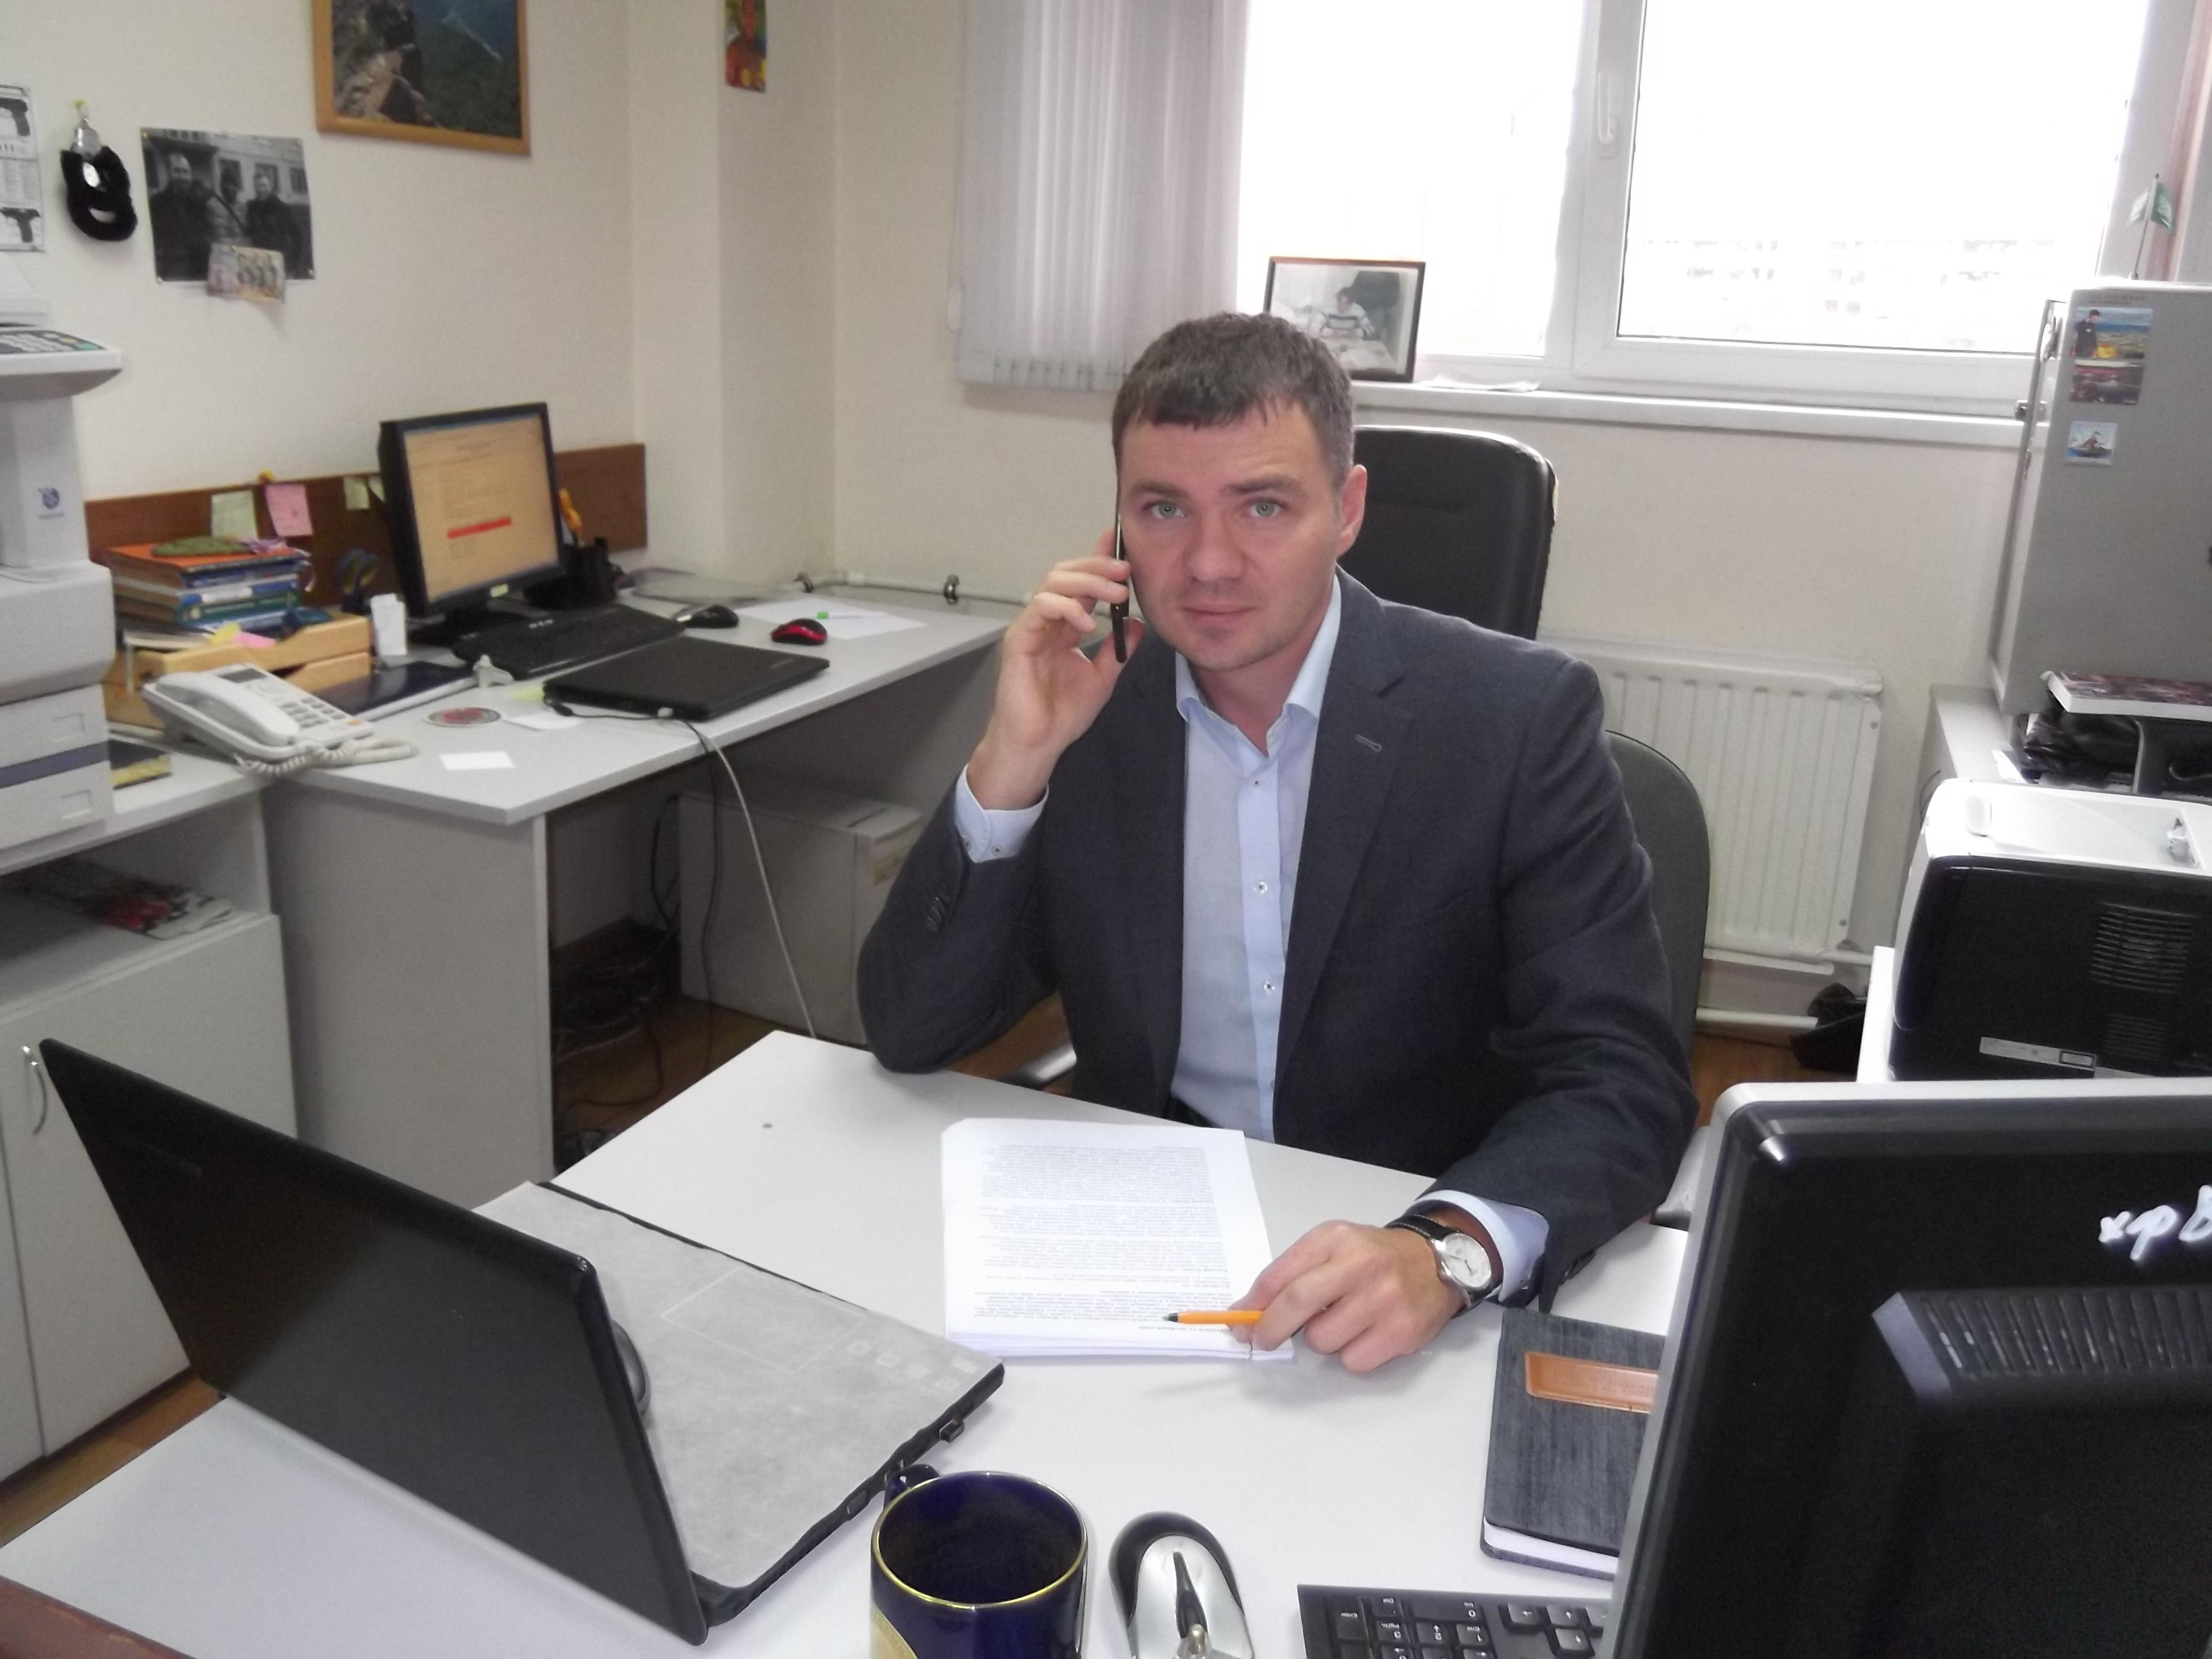 Яндекссекс в кабинете у начальника в тро м